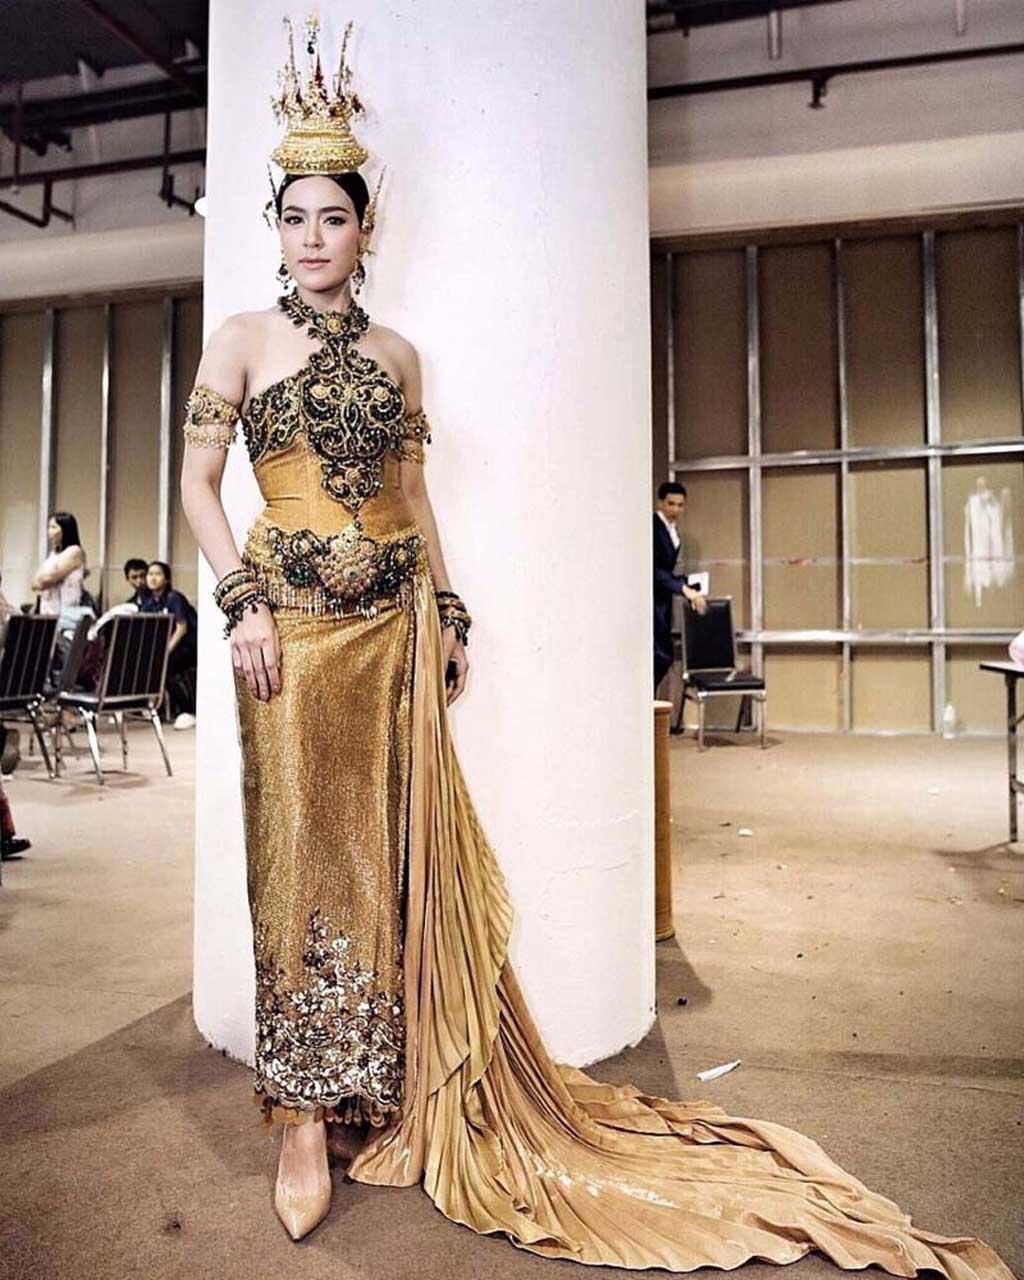 Quốc phục Thái Lan độc đáo.